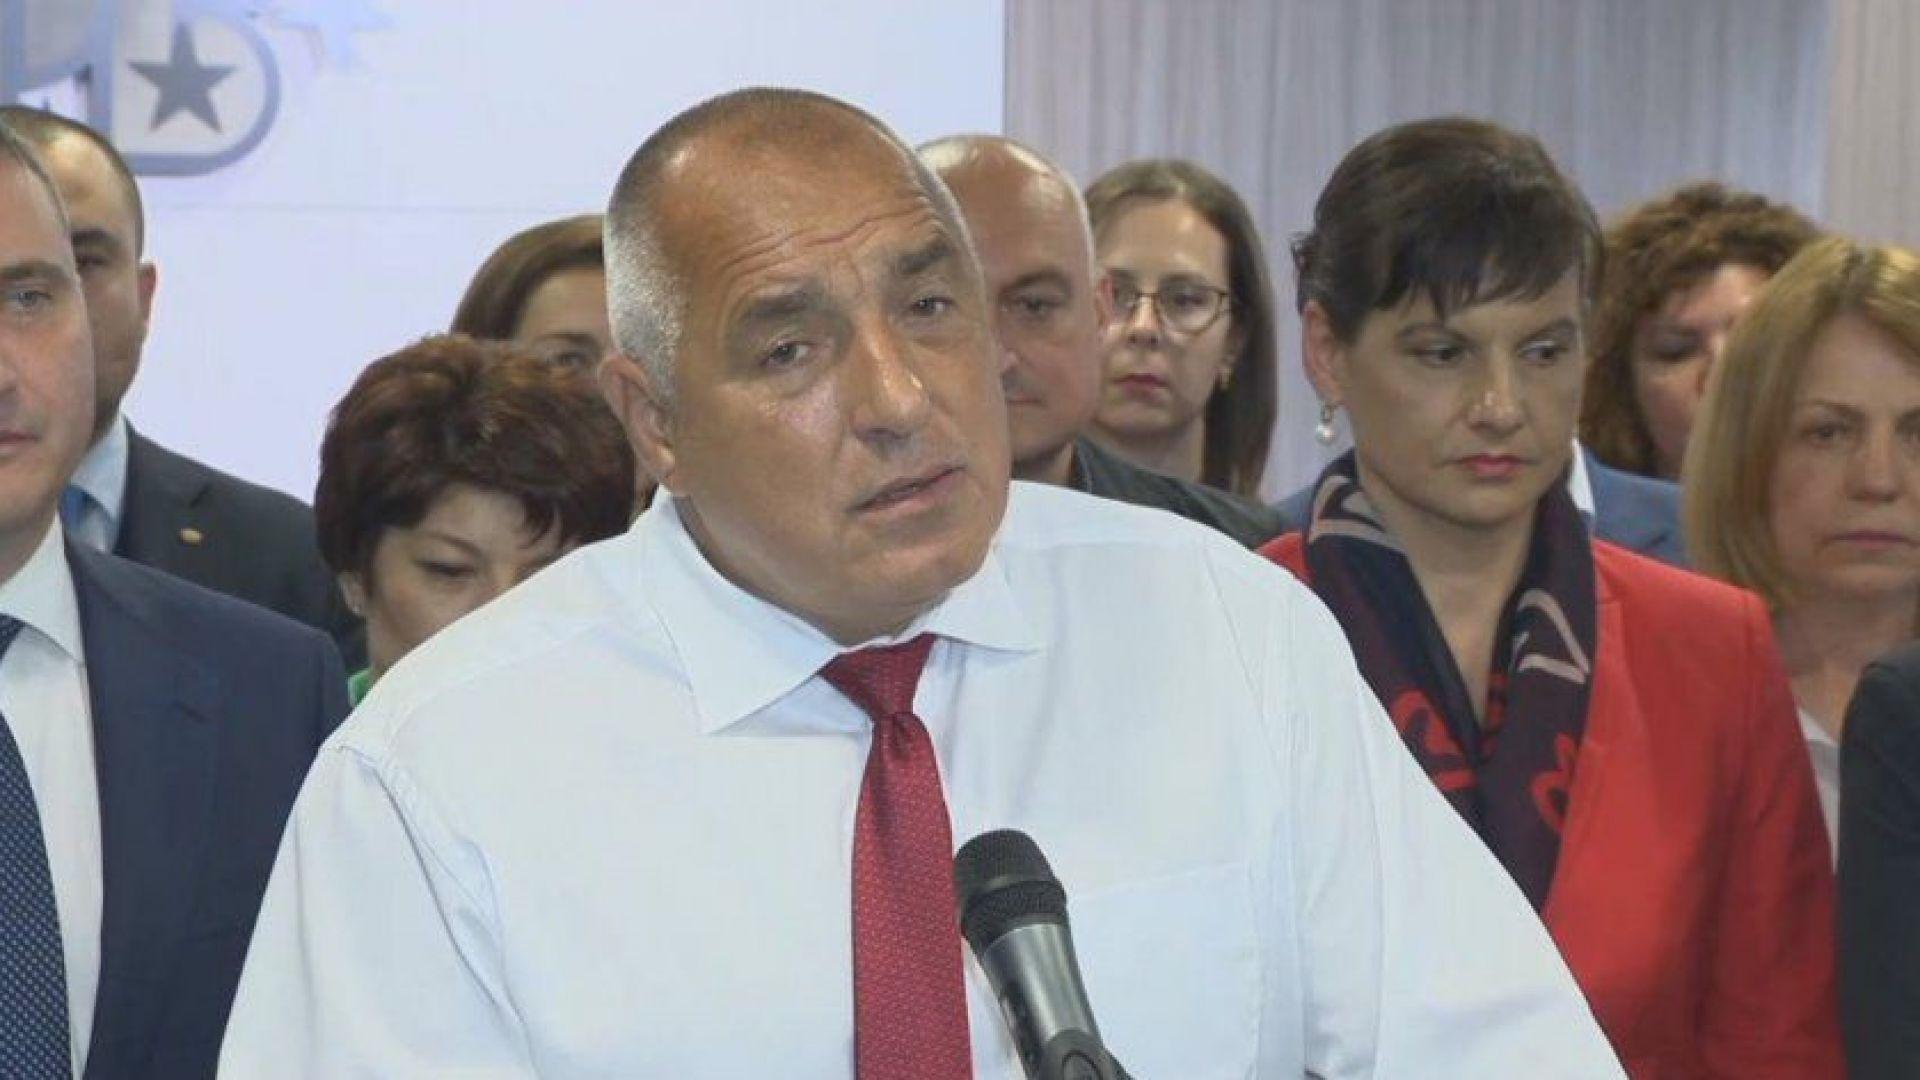 Борисов: Противниците ни удариха дъното. Има пробив в НСО, Радев ме следи с дрон